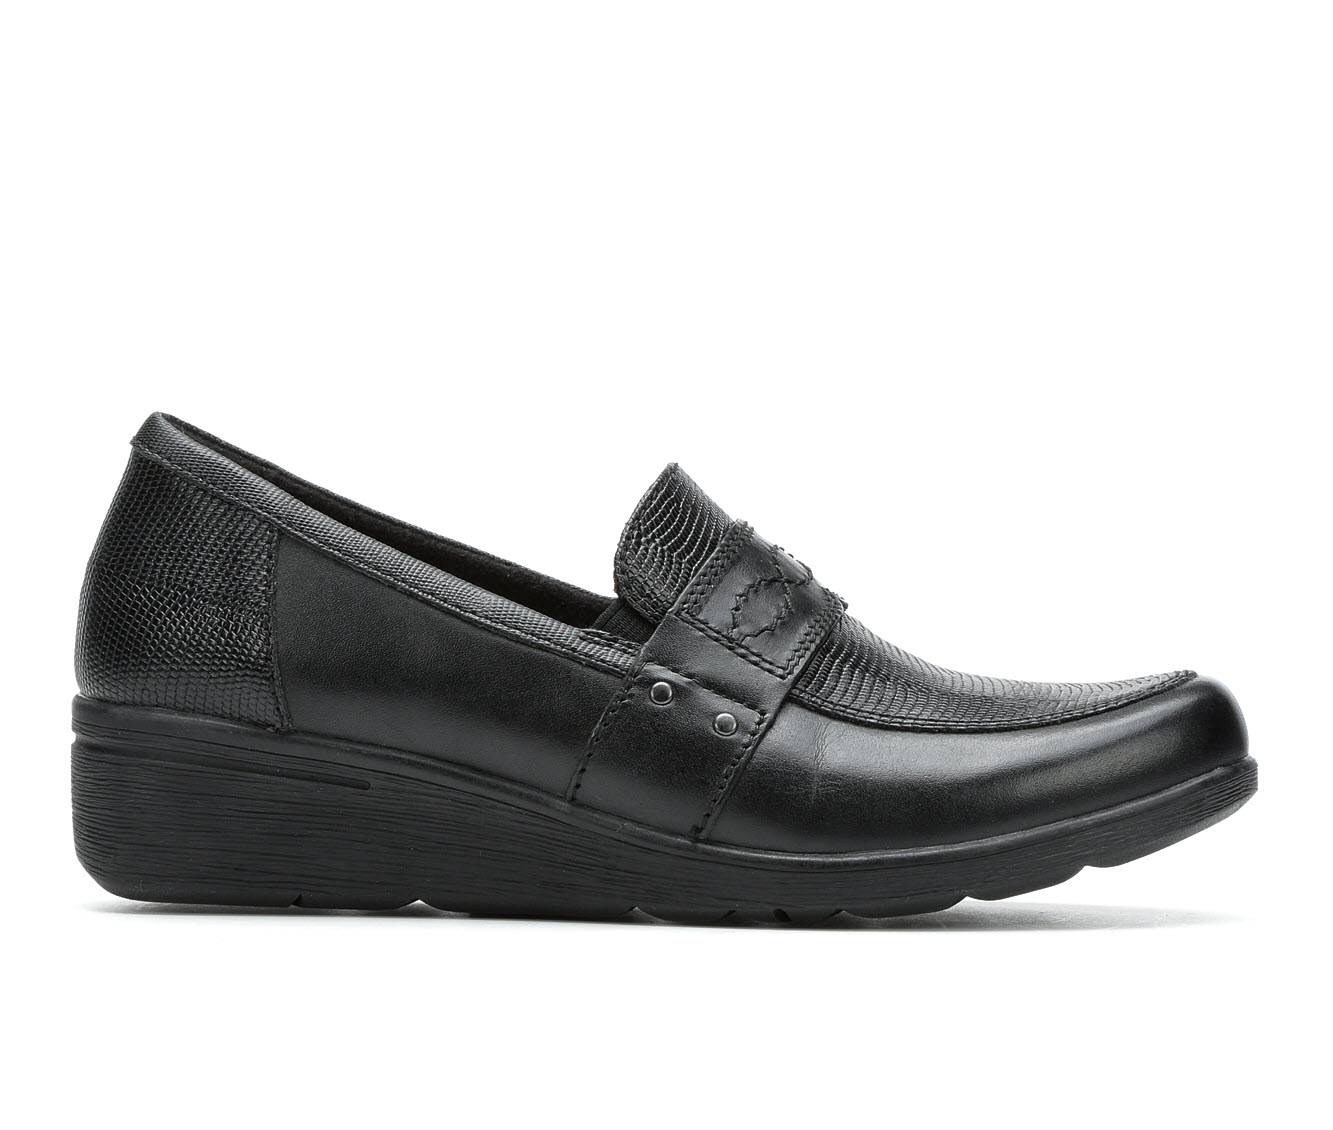 Earth Origins Zella Women's Shoe (Black Leather)